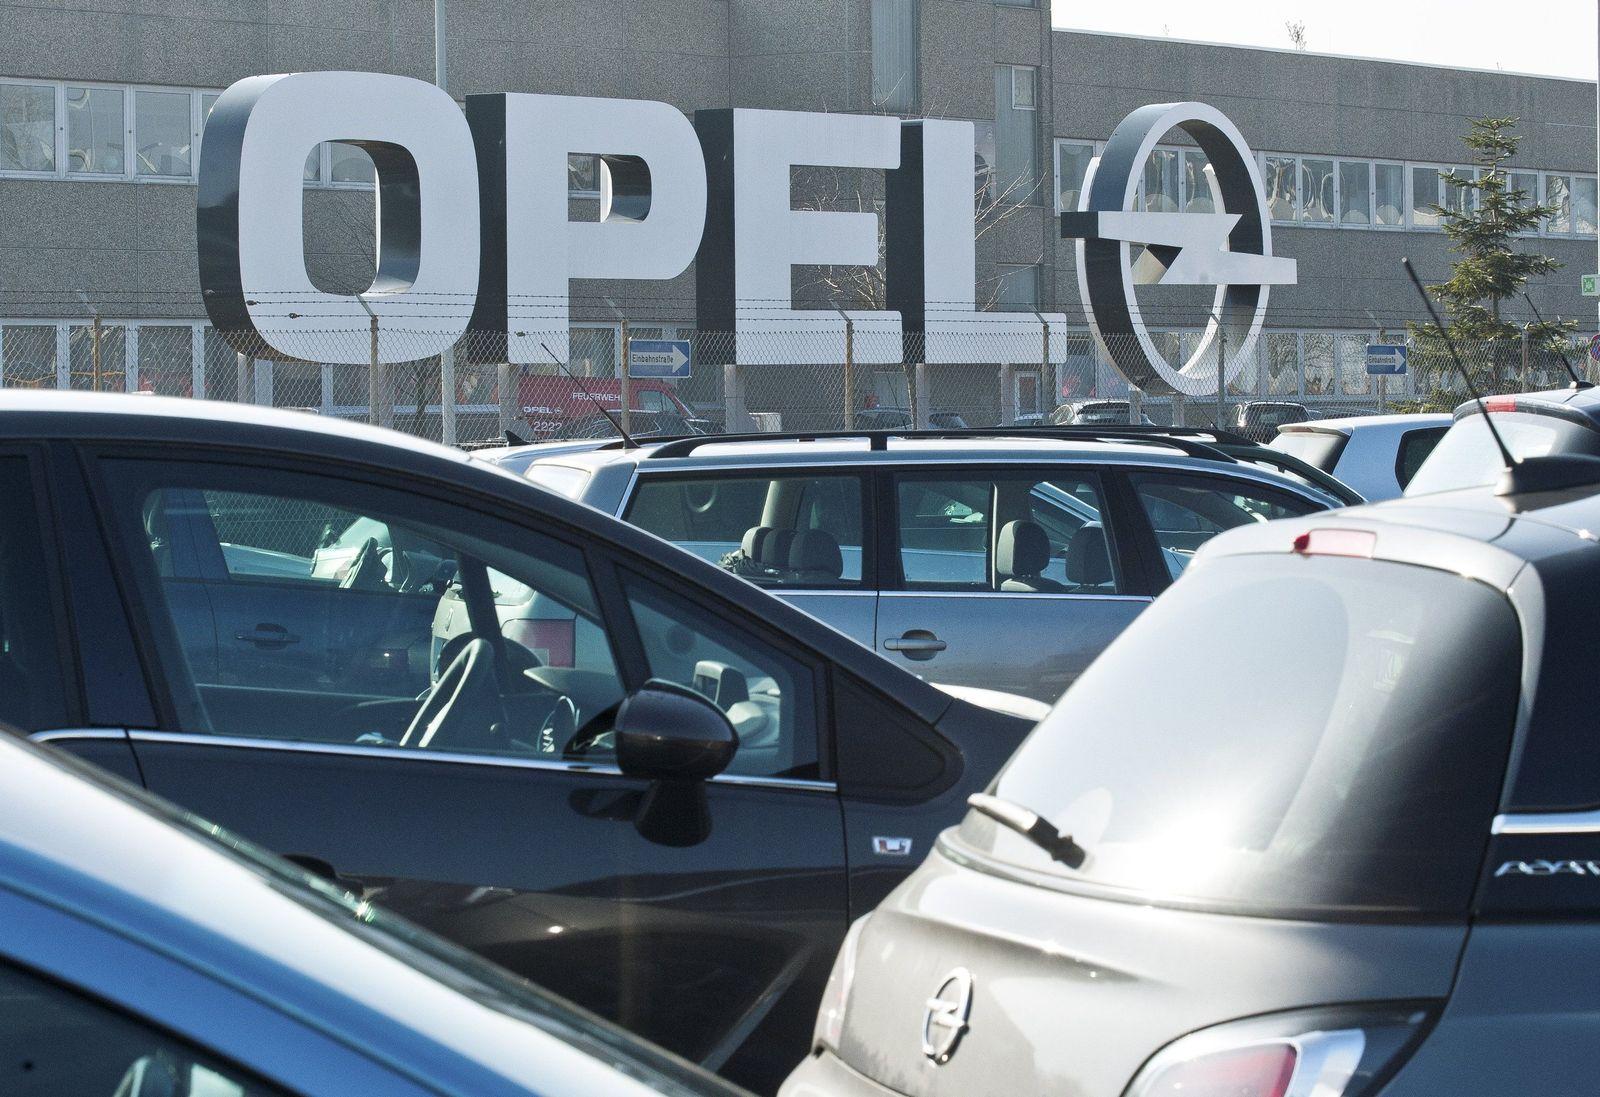 Opel - Werk Kaiserslautern